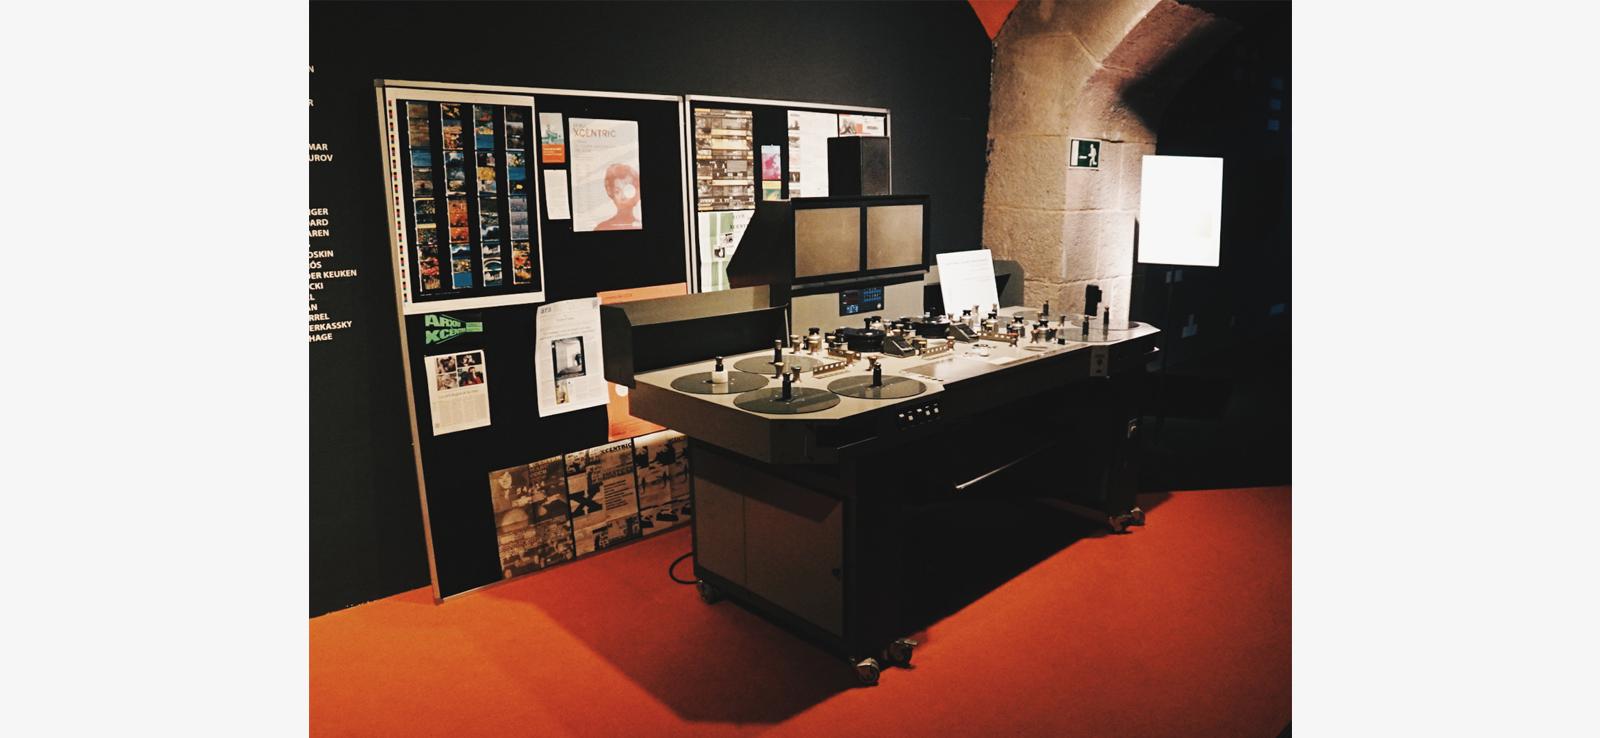 Antoni-Pinent-curator-Cinema-Invisible-Xcentric's-Section-Centre-de-Cultura-Contemporania-de-Barcelona